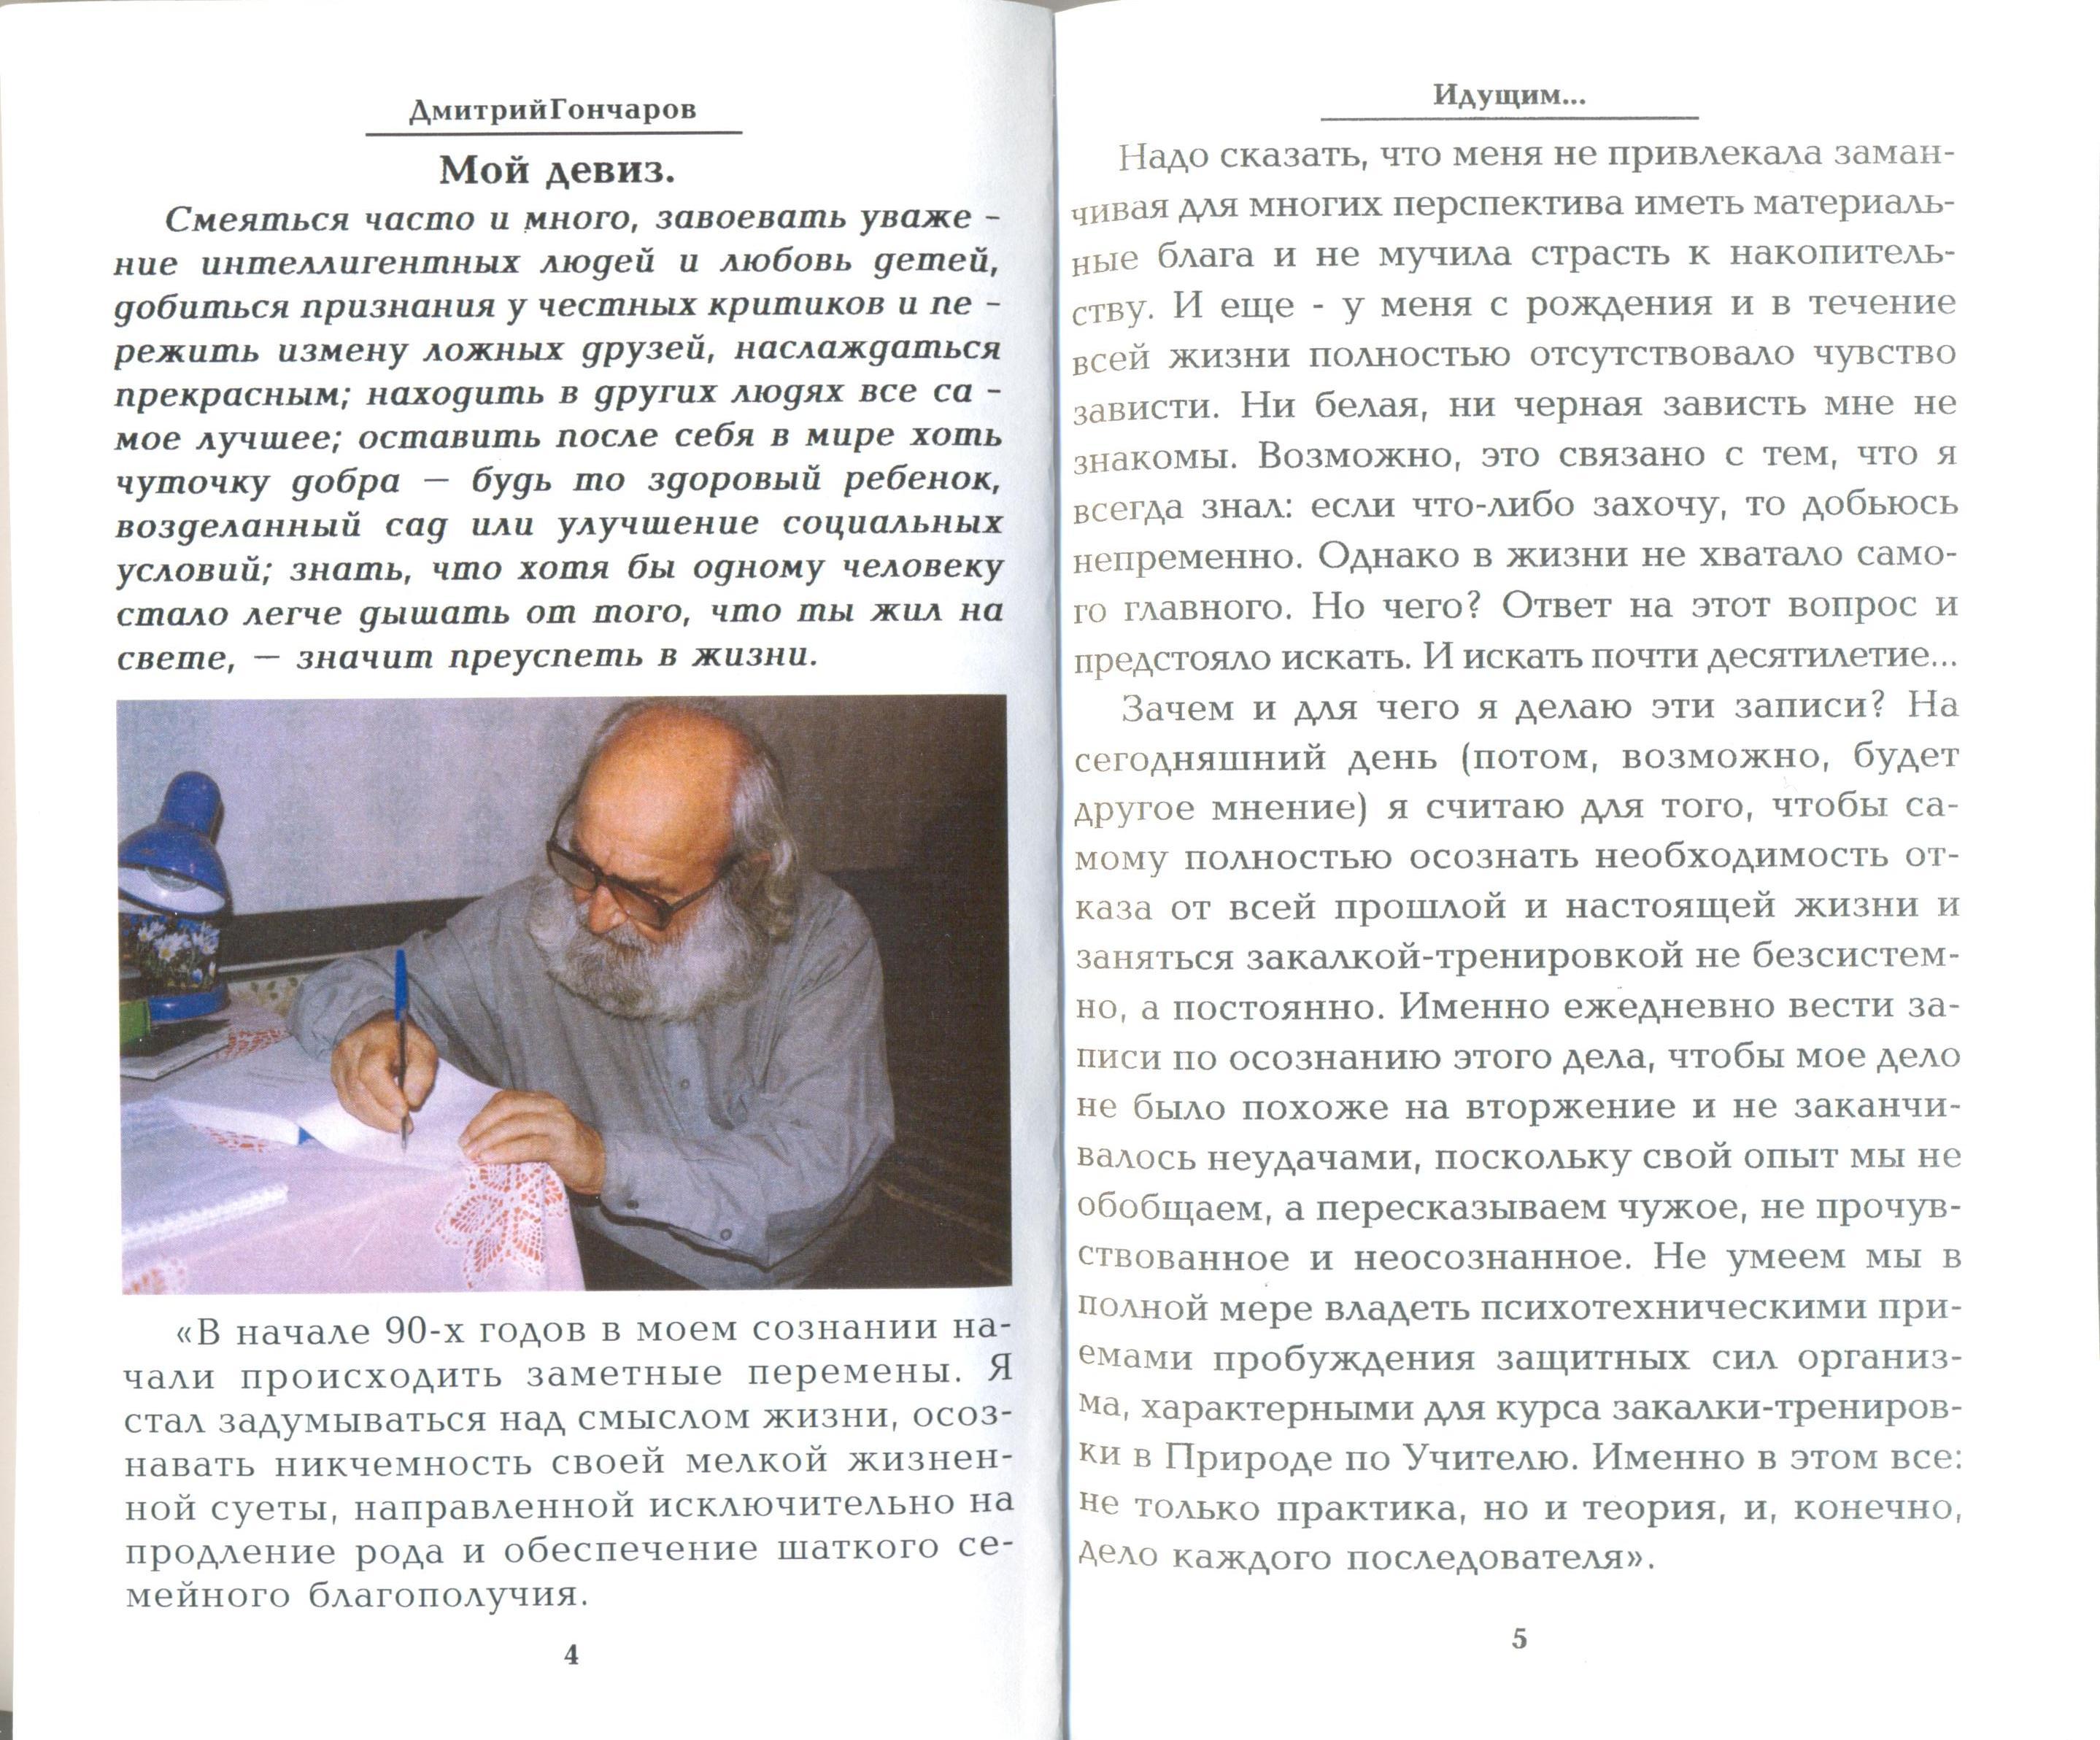 стр.4 книги  фото Д.В..jpg